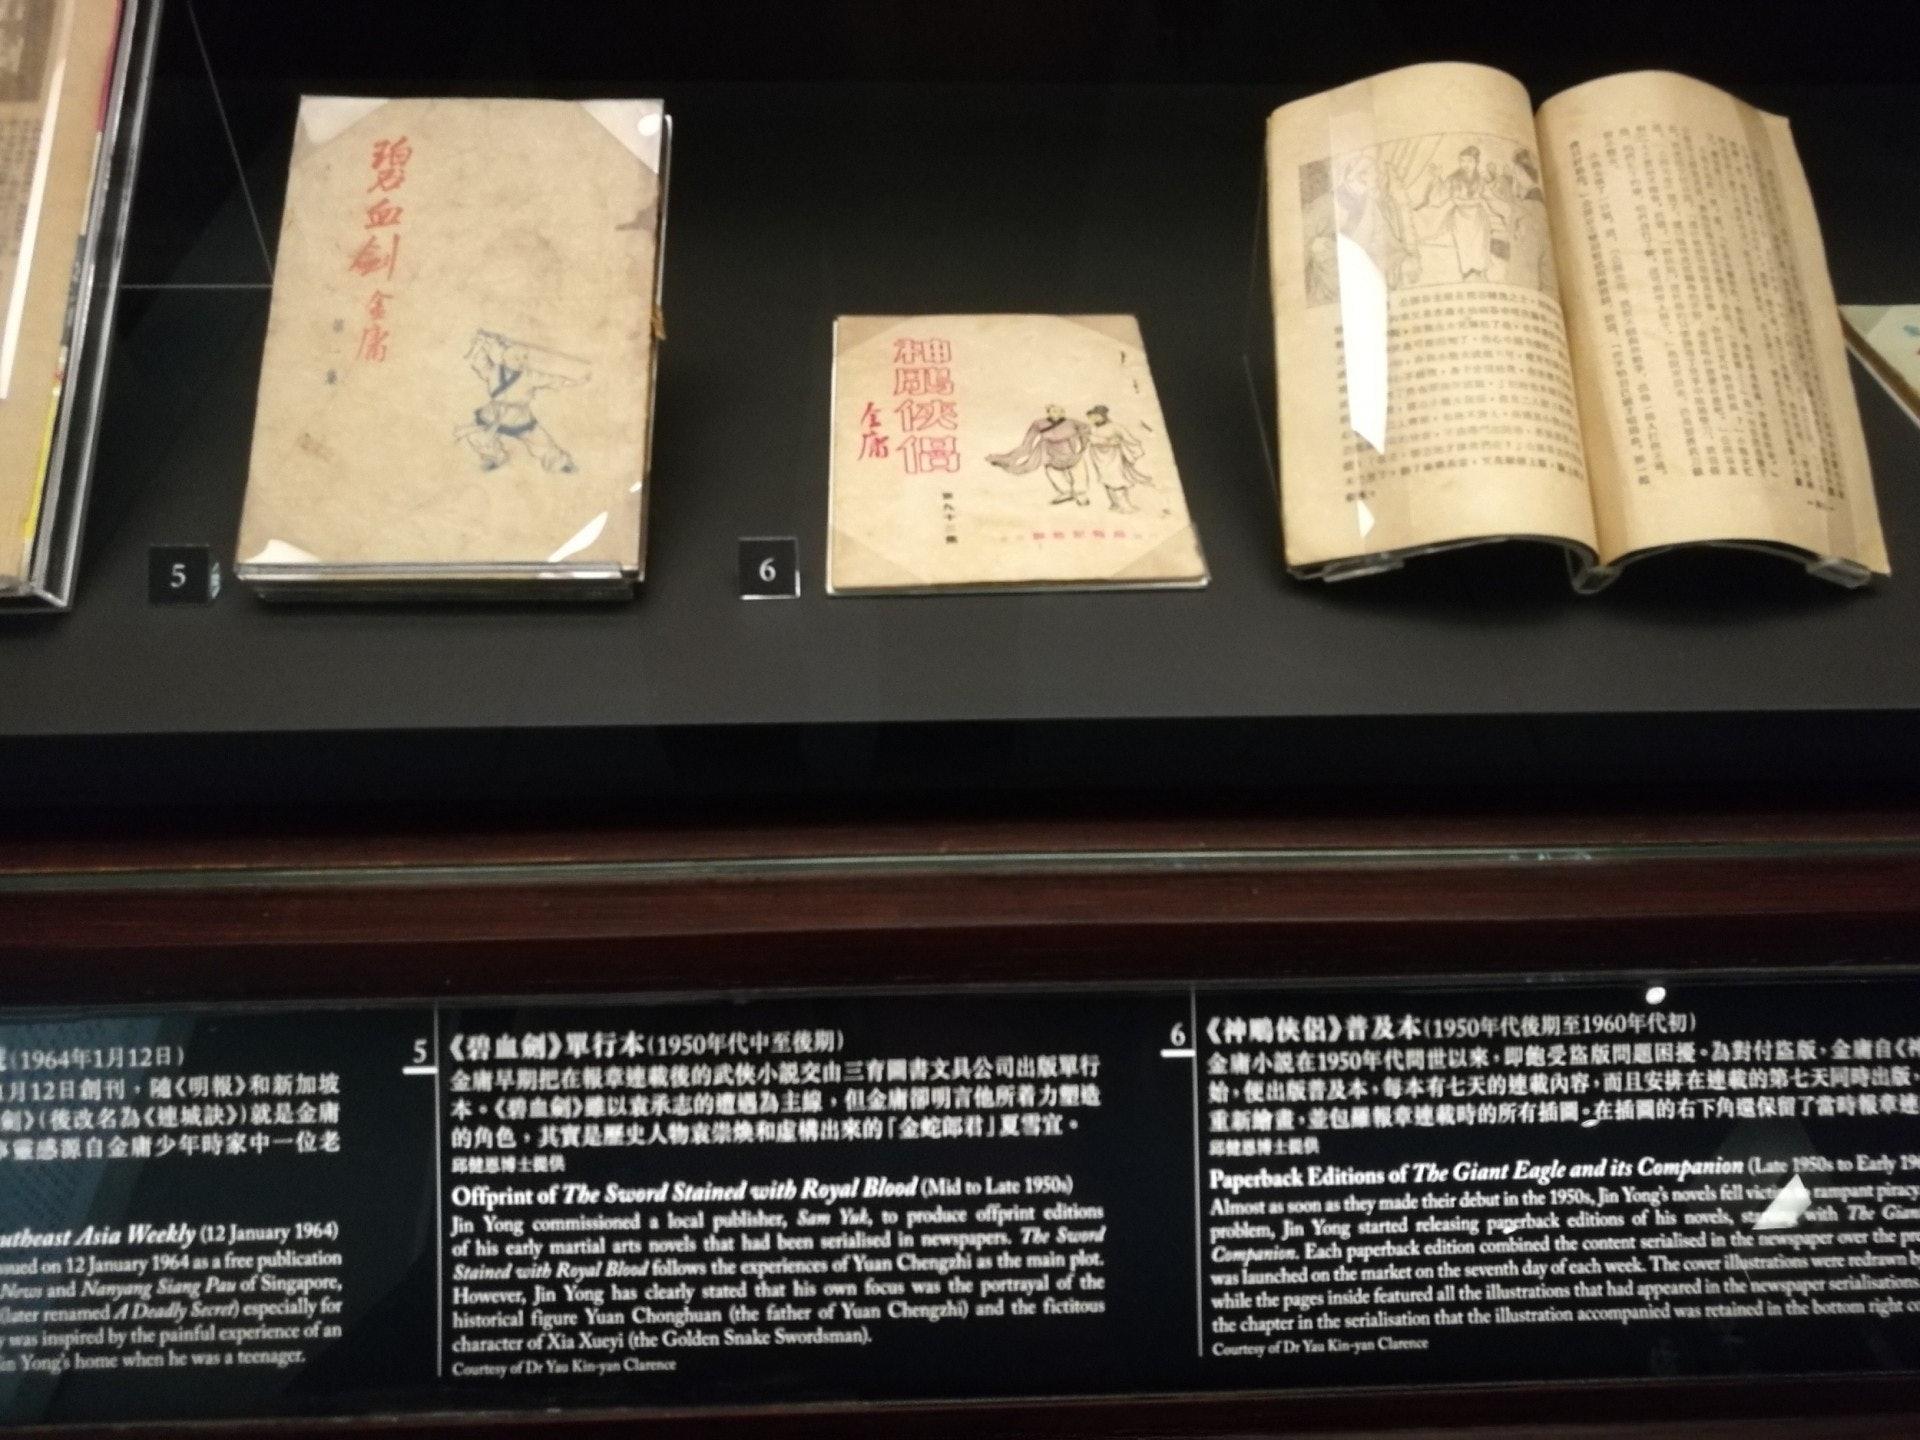 圖左的《碧血劍》是金庸繼《書劍思仇錄》後另一重要著作。(VCG)